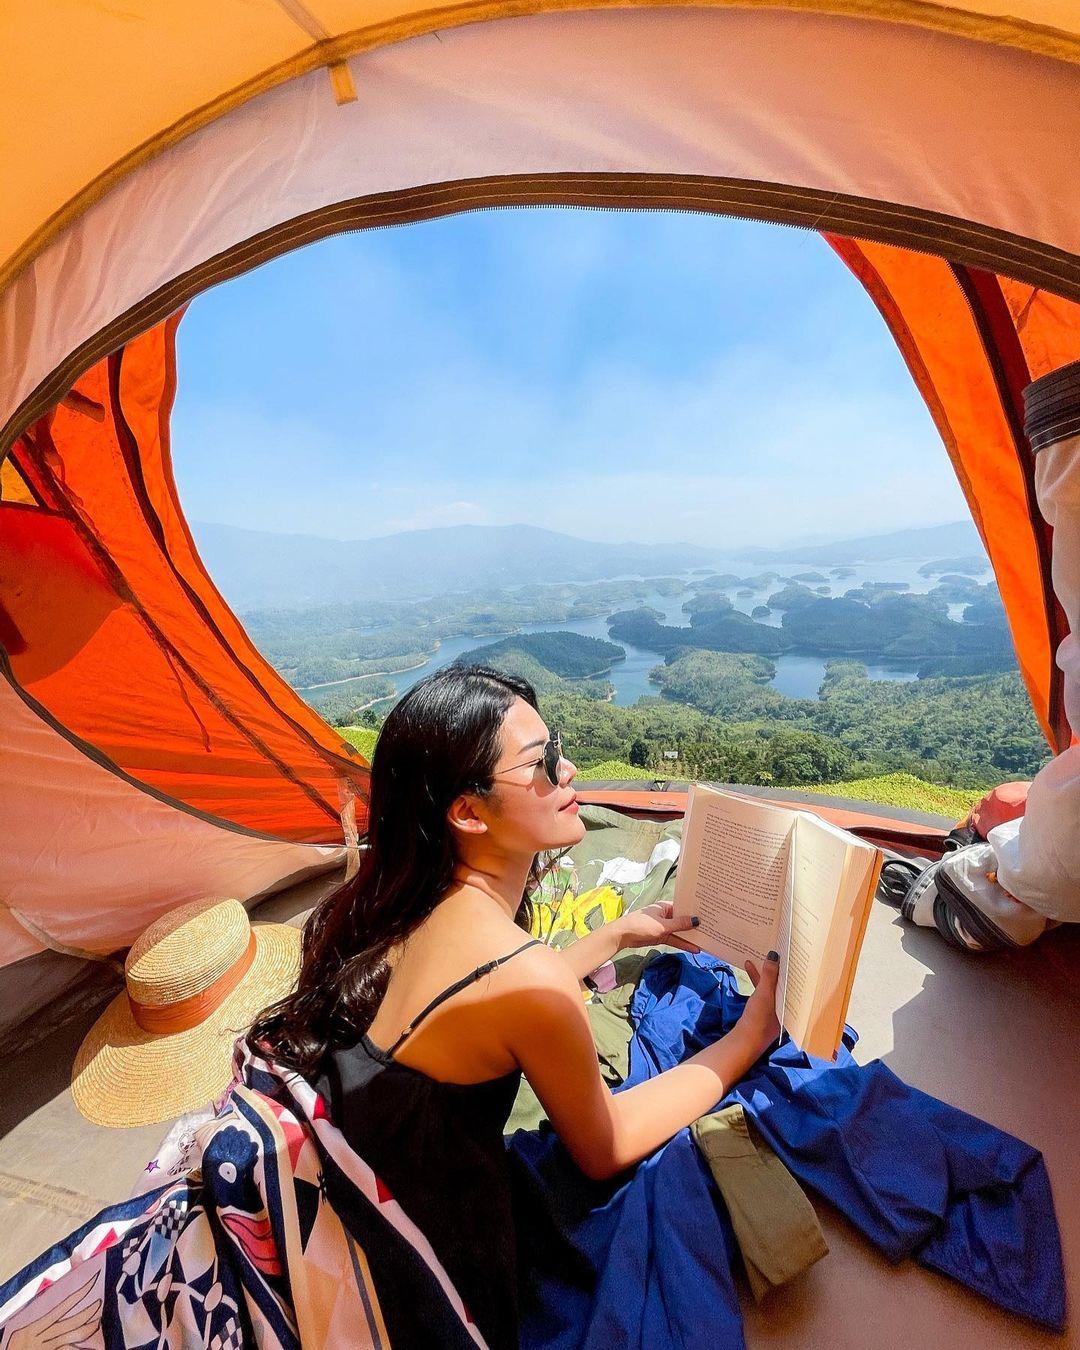 trải nghiệm cắm trại khi du lịch Tà Đùng